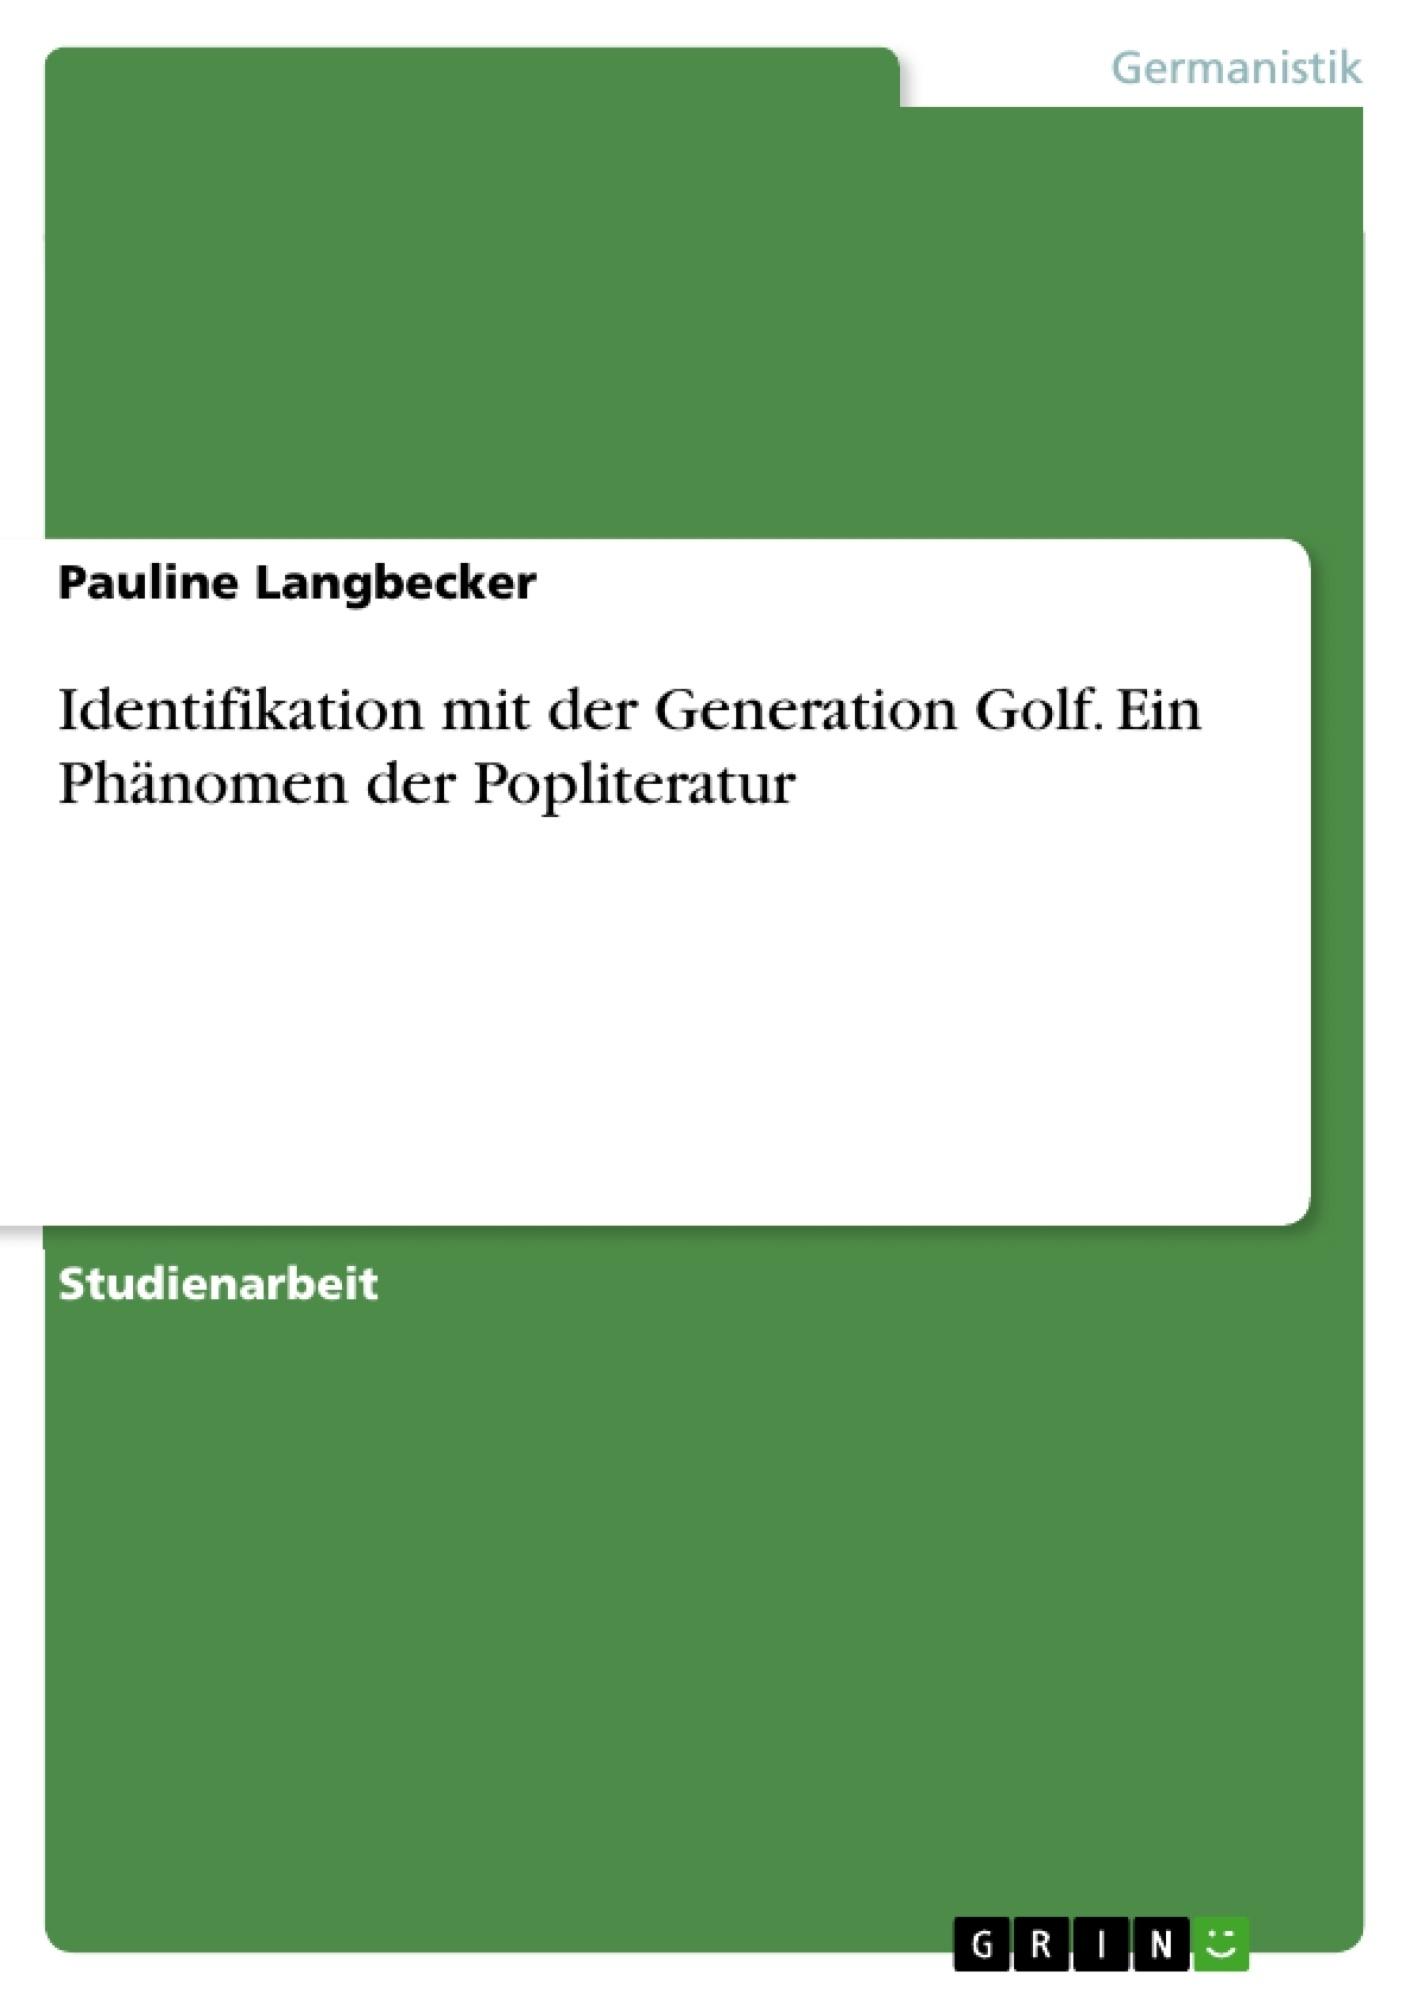 Titel: Identifikation mit der Generation Golf. Ein Phänomen der Popliteratur